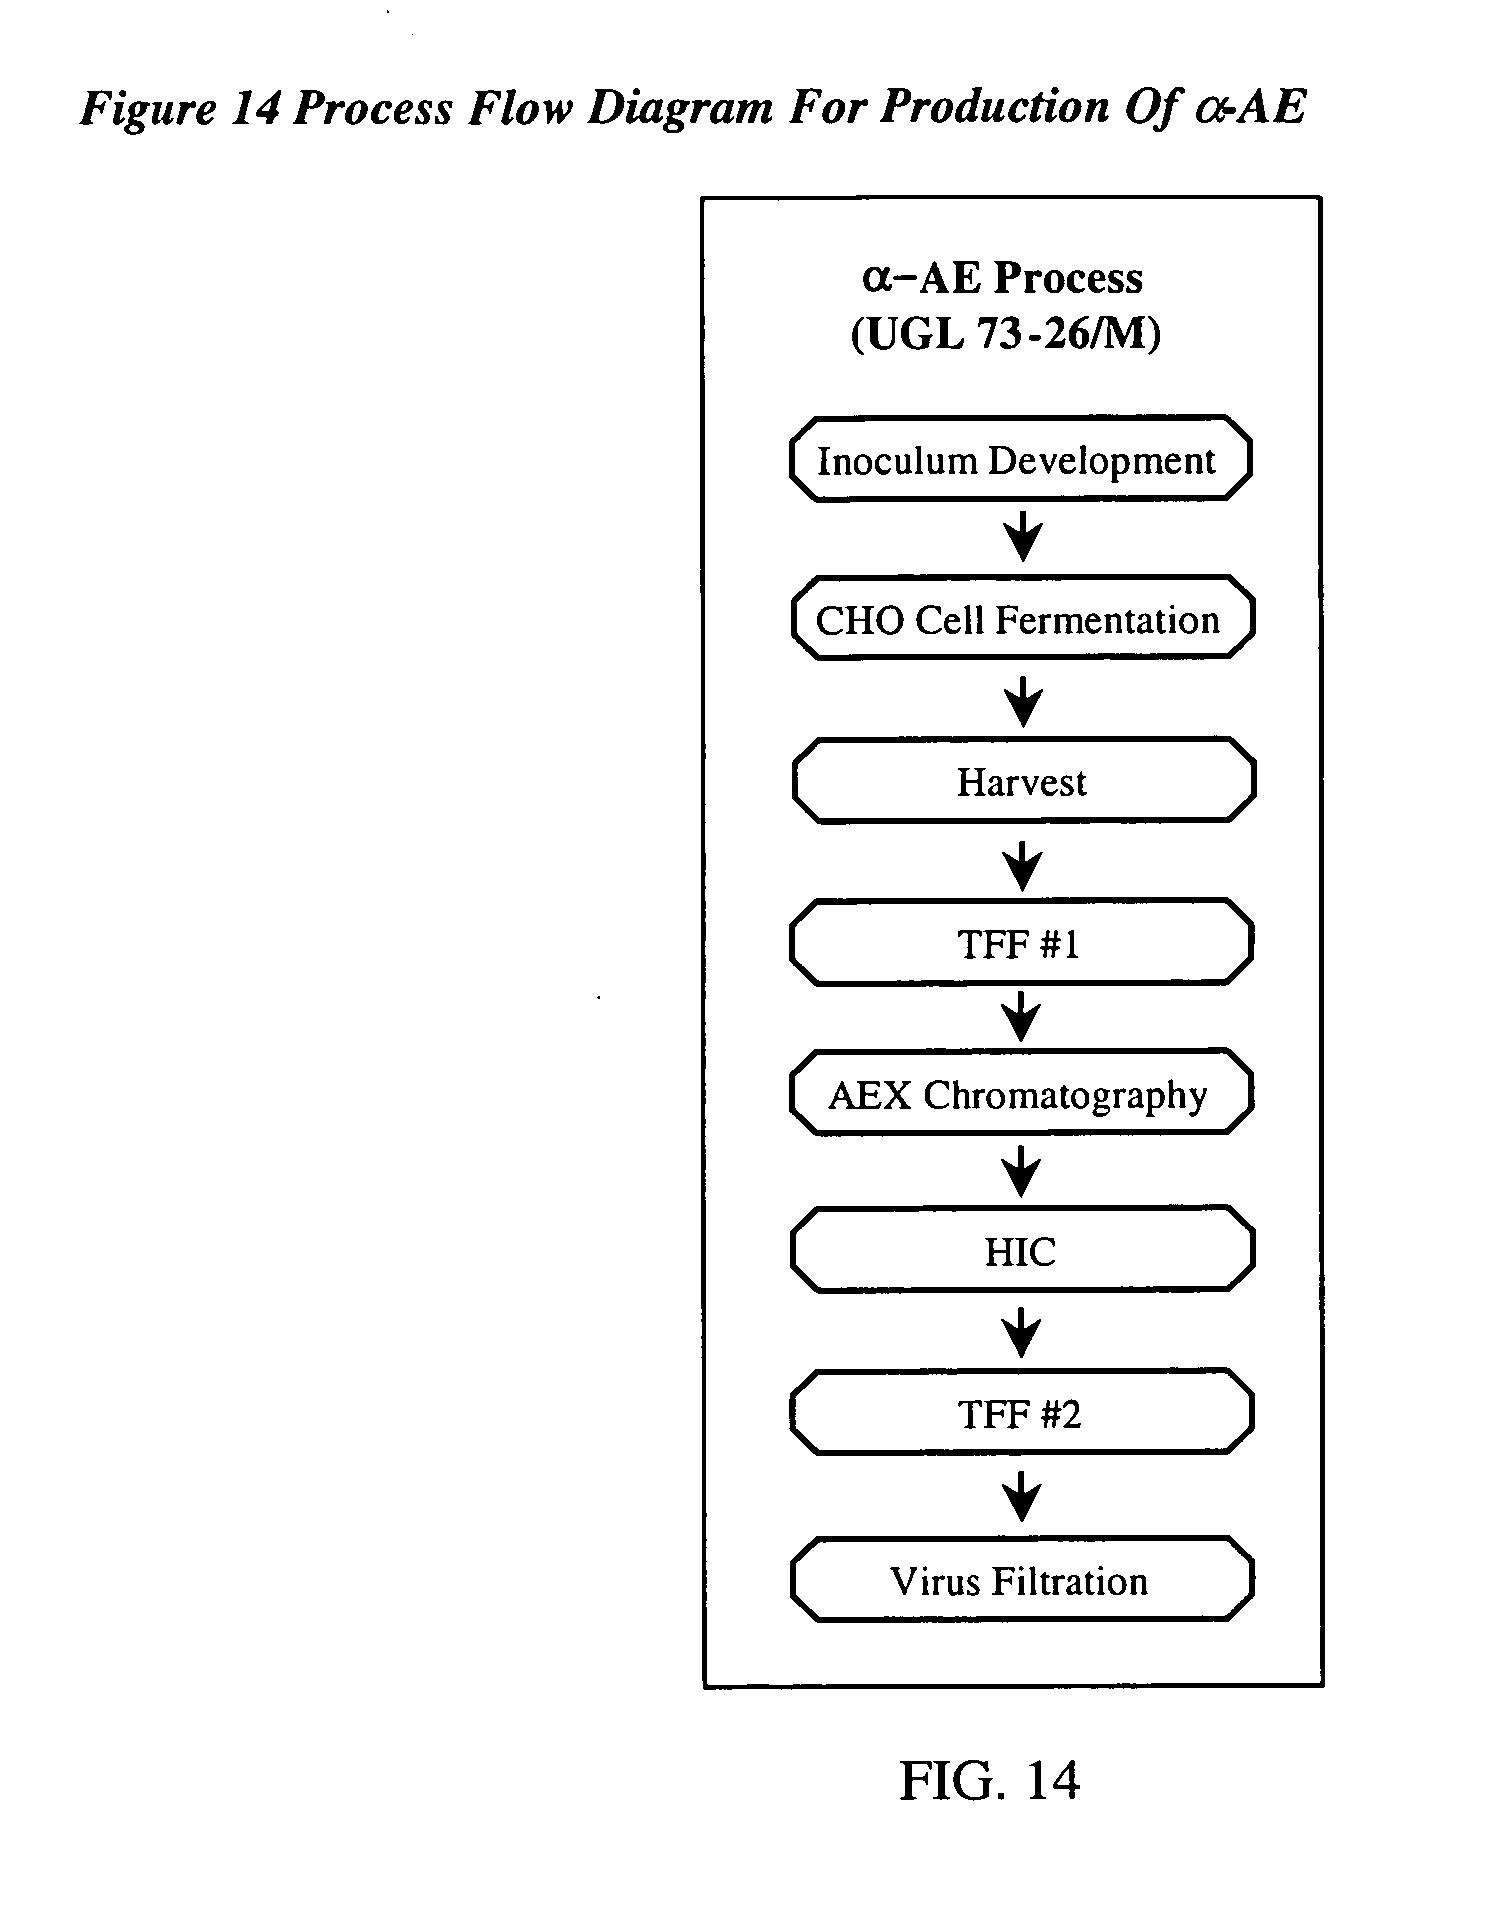 Peptidylglycine alpha amidating monooxygenase enzyme